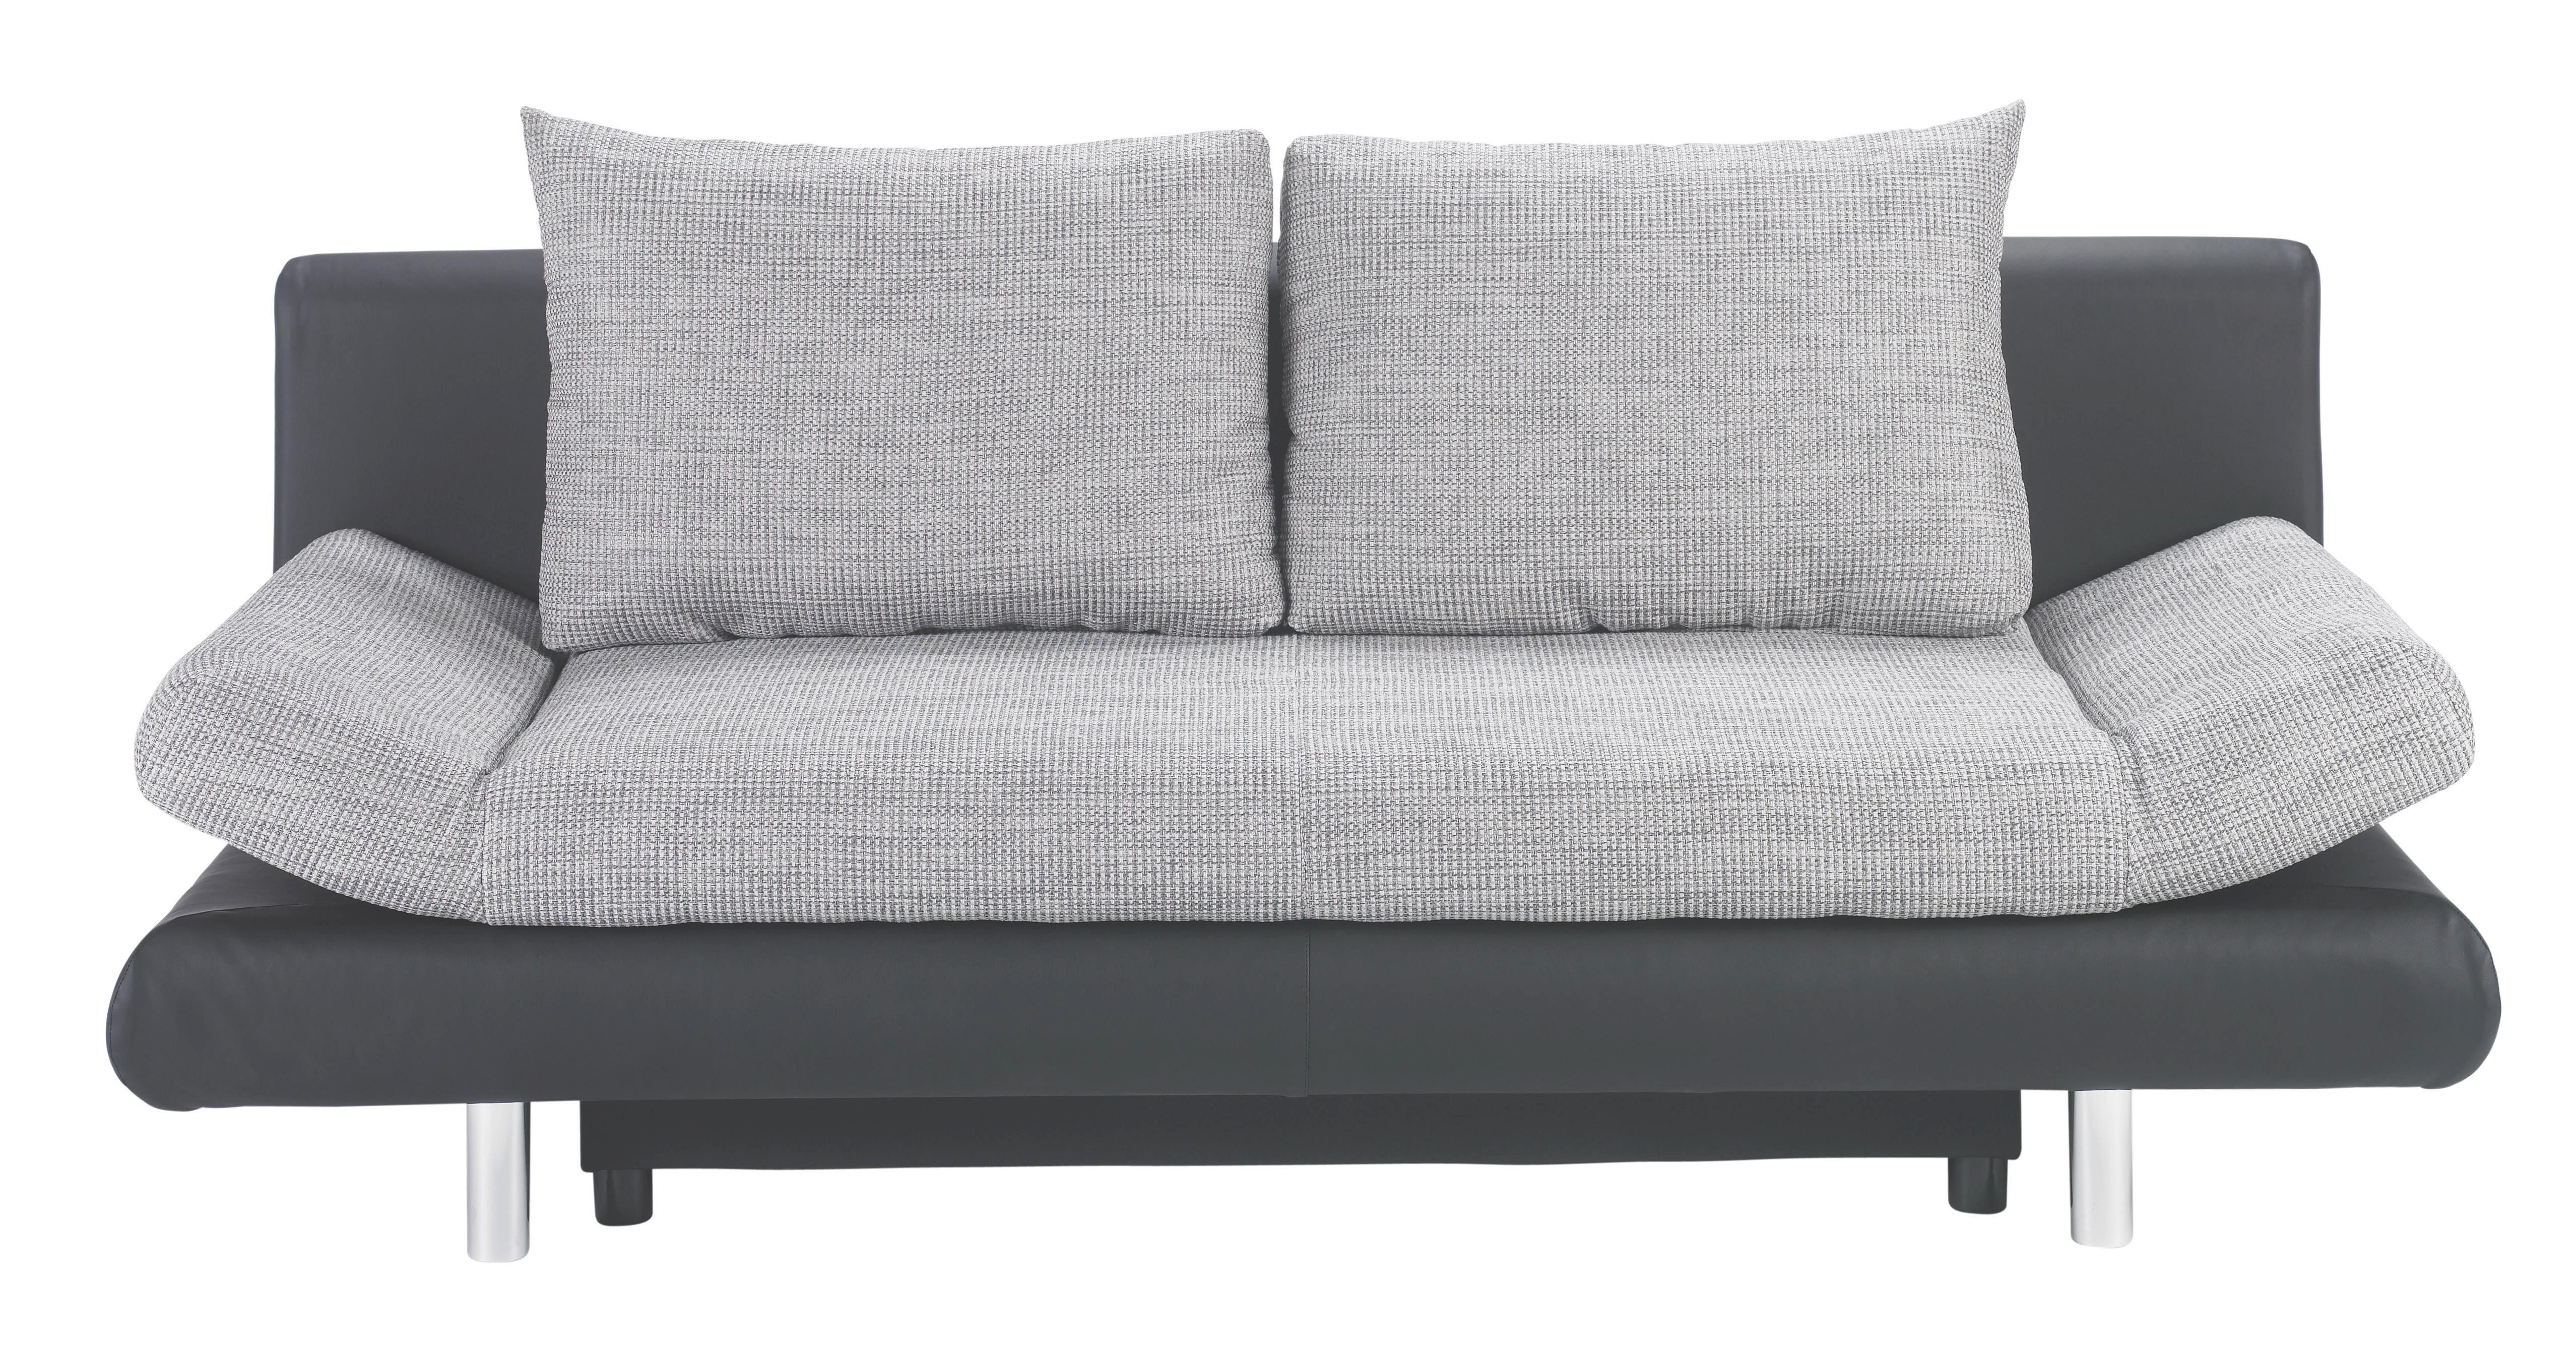 Schlafsofa In Textil Grau Schwarz Online Kaufen Xxxlutz